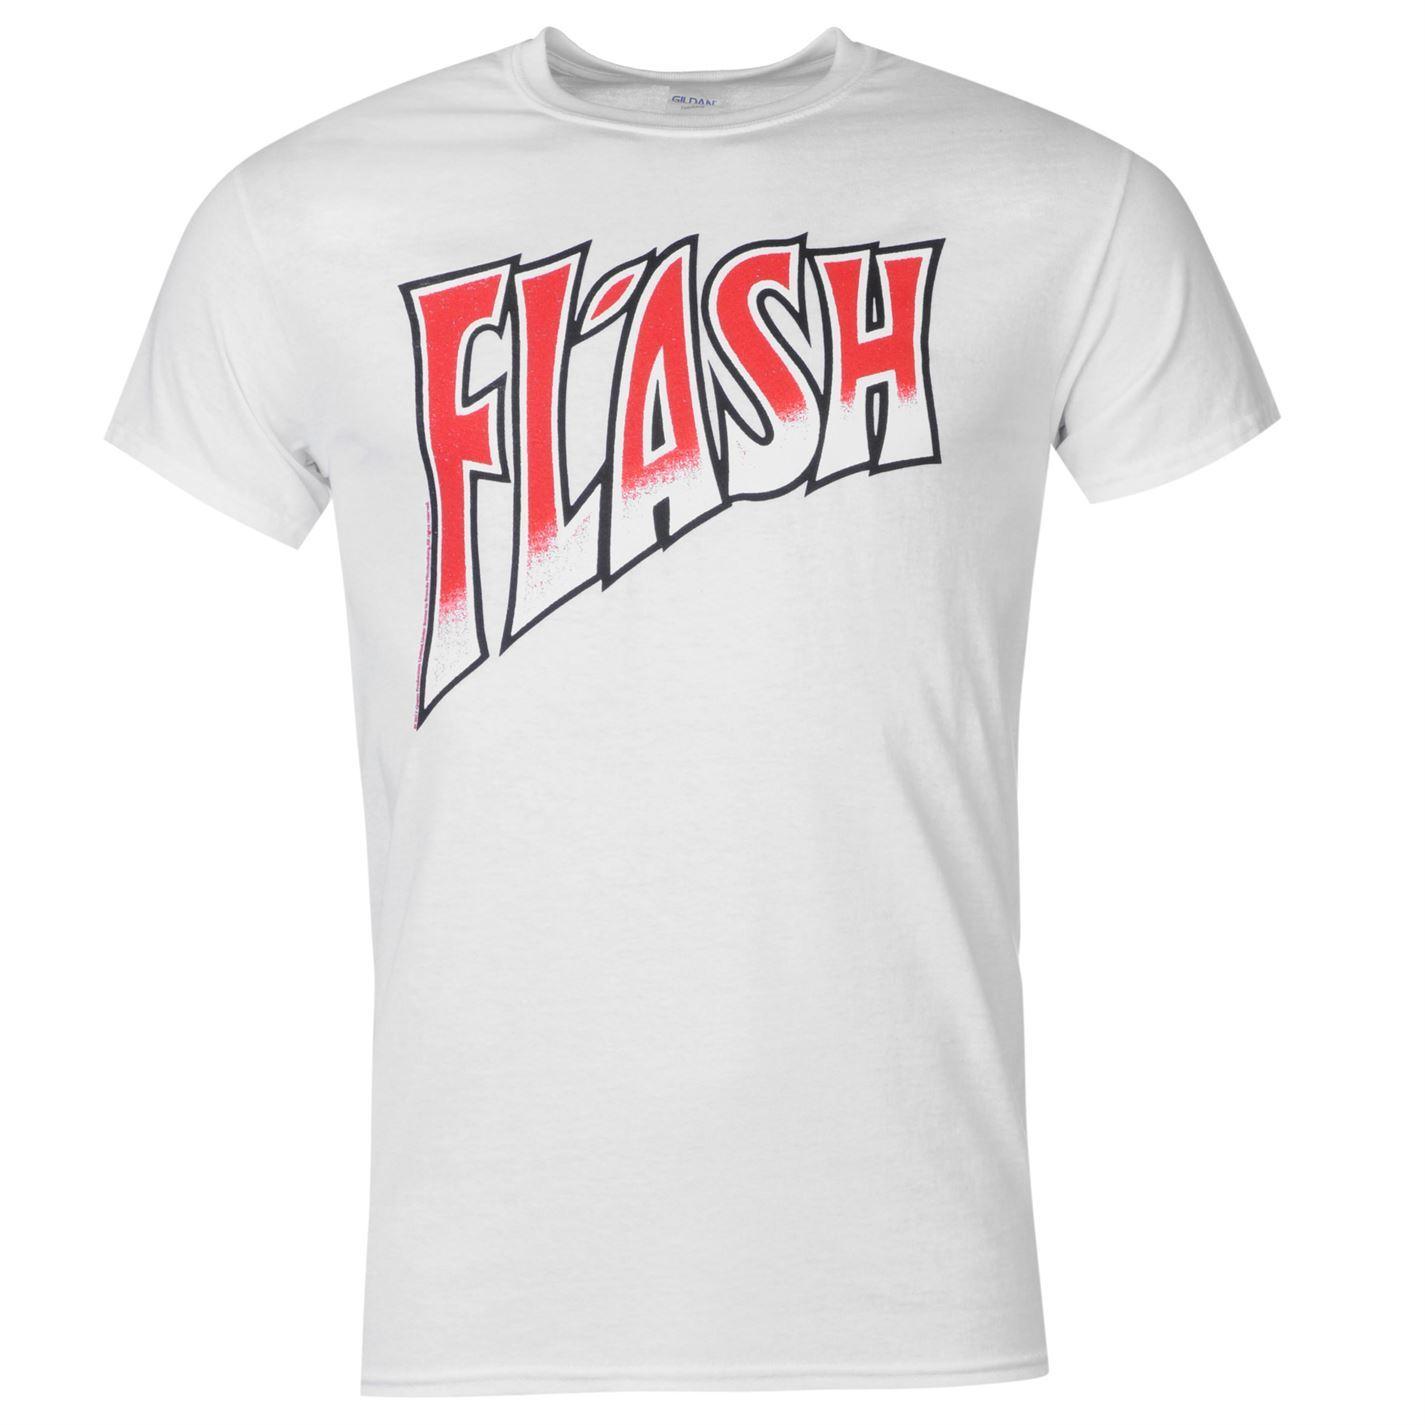 7ce5066fe0f0 ... Queen Flash Gordon T-Shirt Mens White Top Tee Shirt Tee Music Band  Tshirt ...